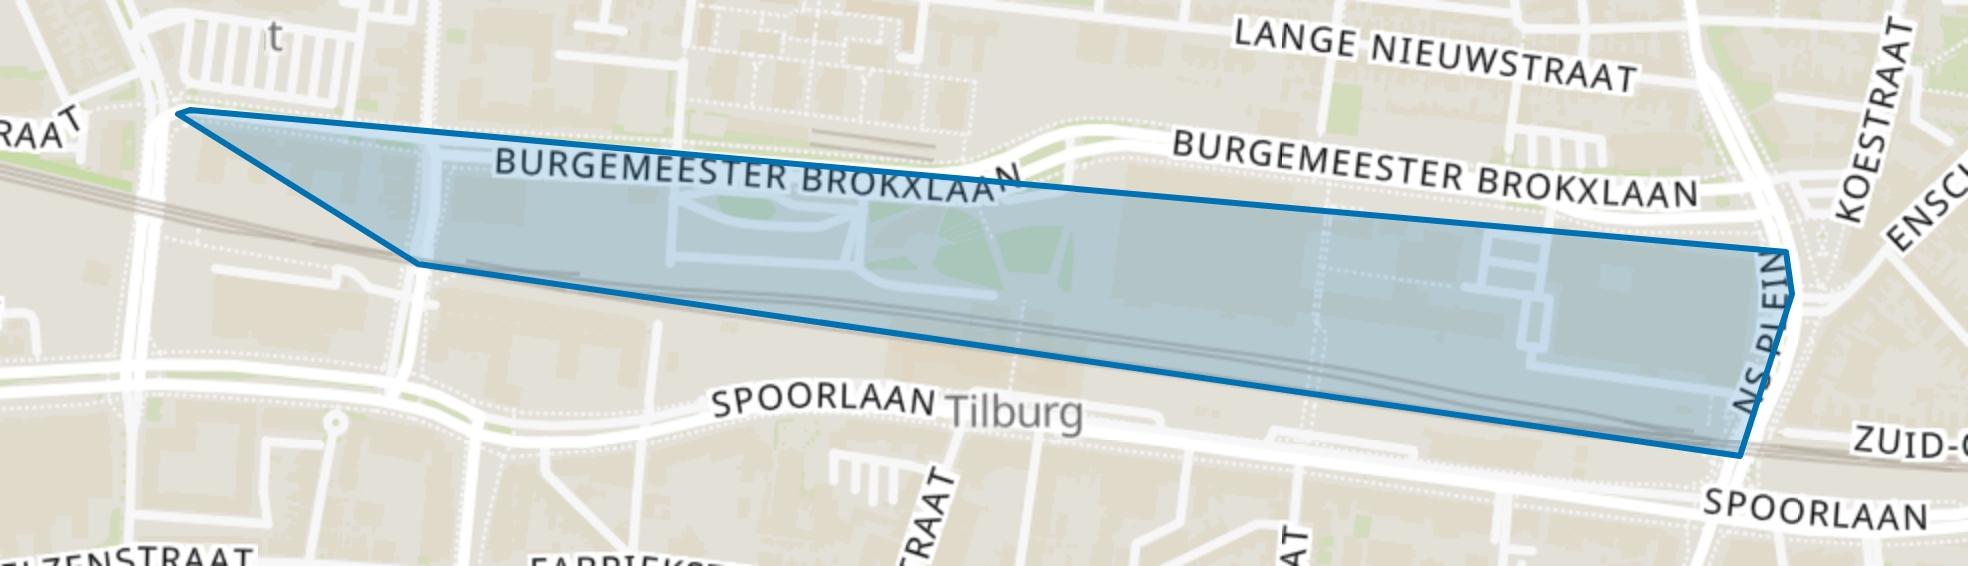 Spoorzone Noord, Tilburg map